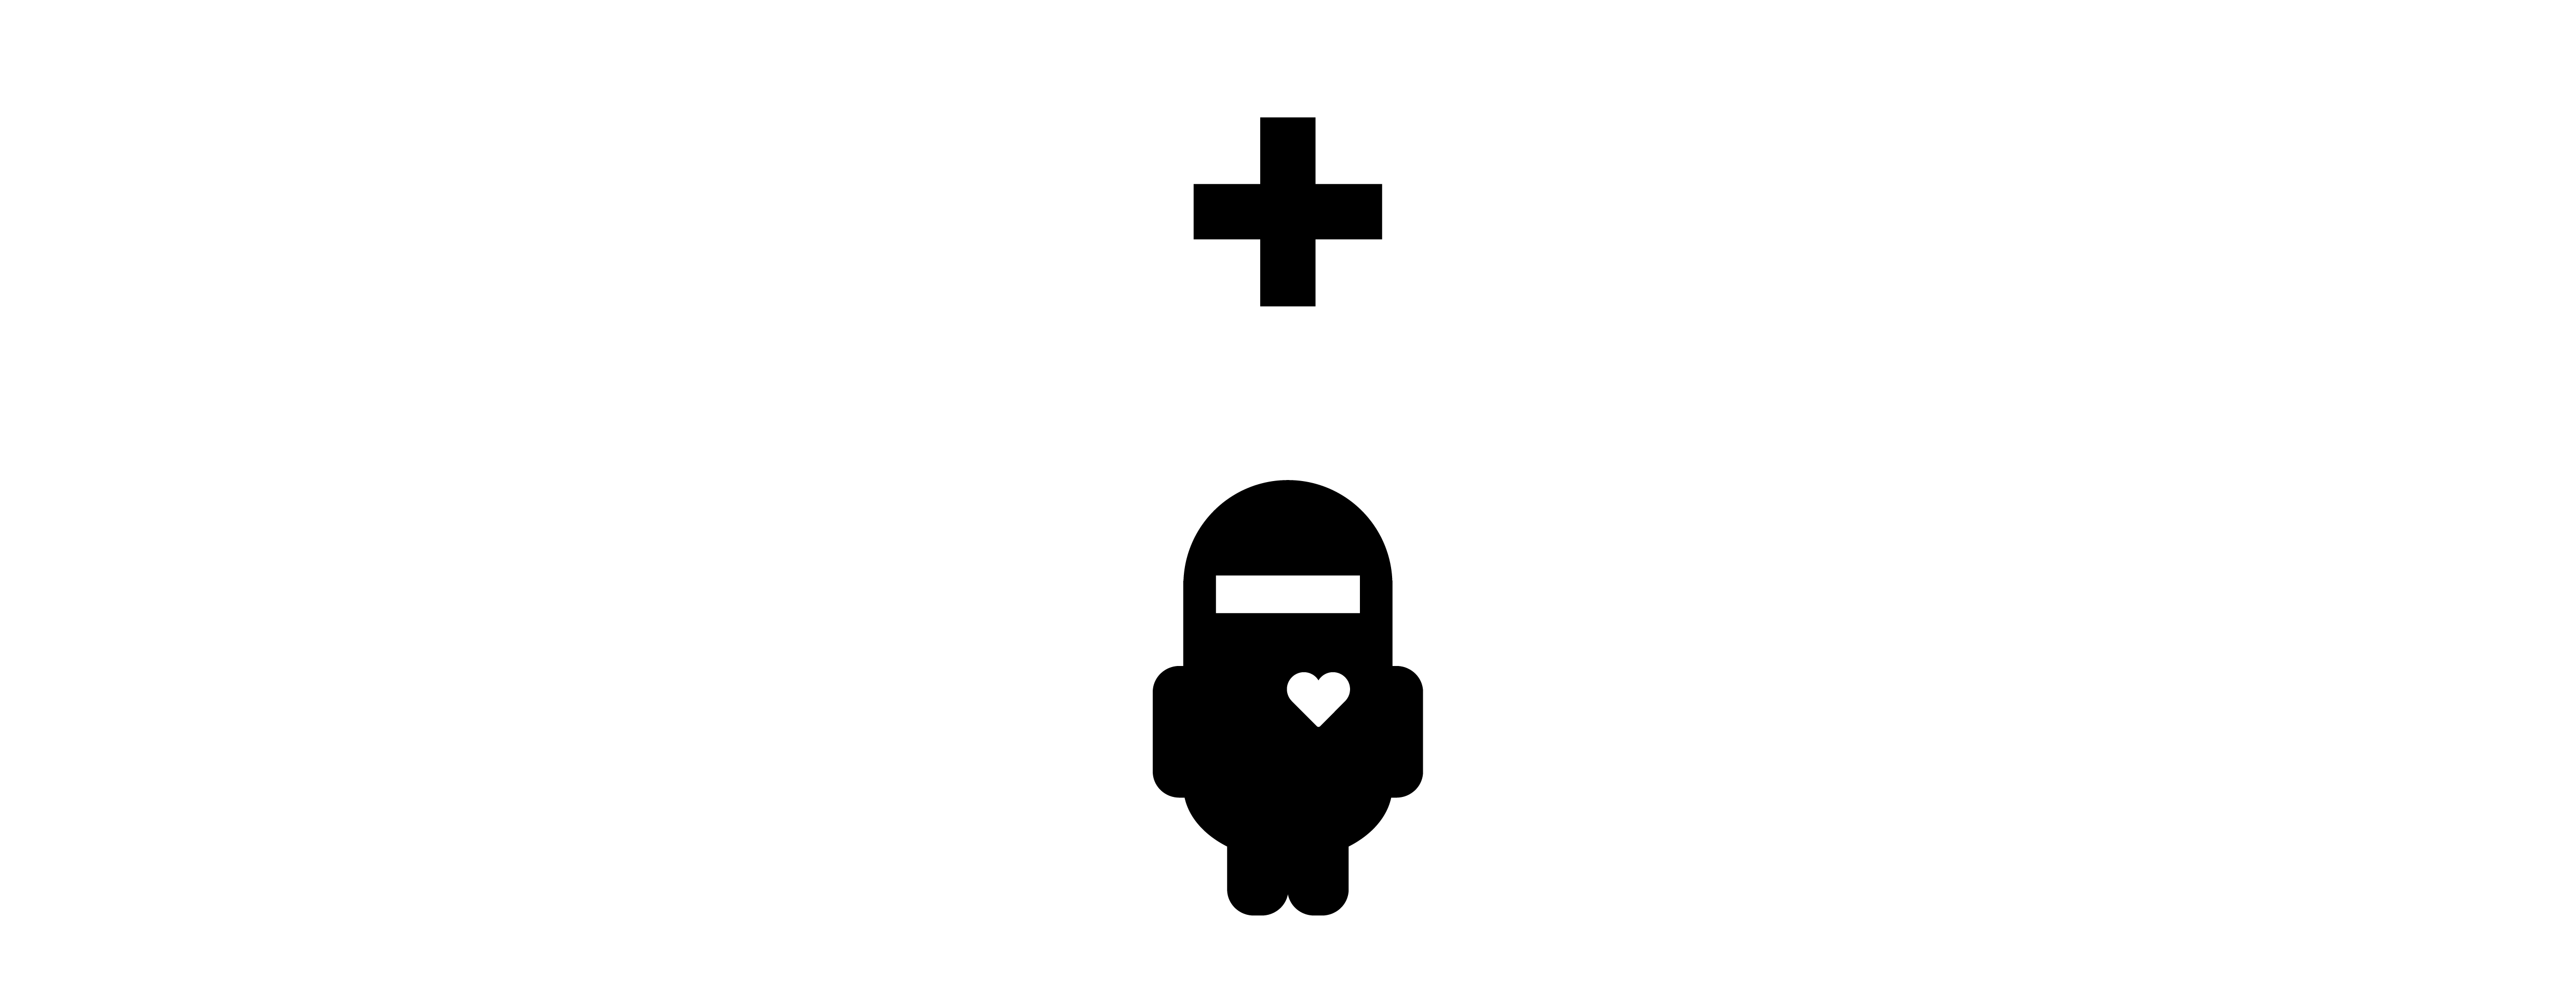 männchen_reih+glied-02_